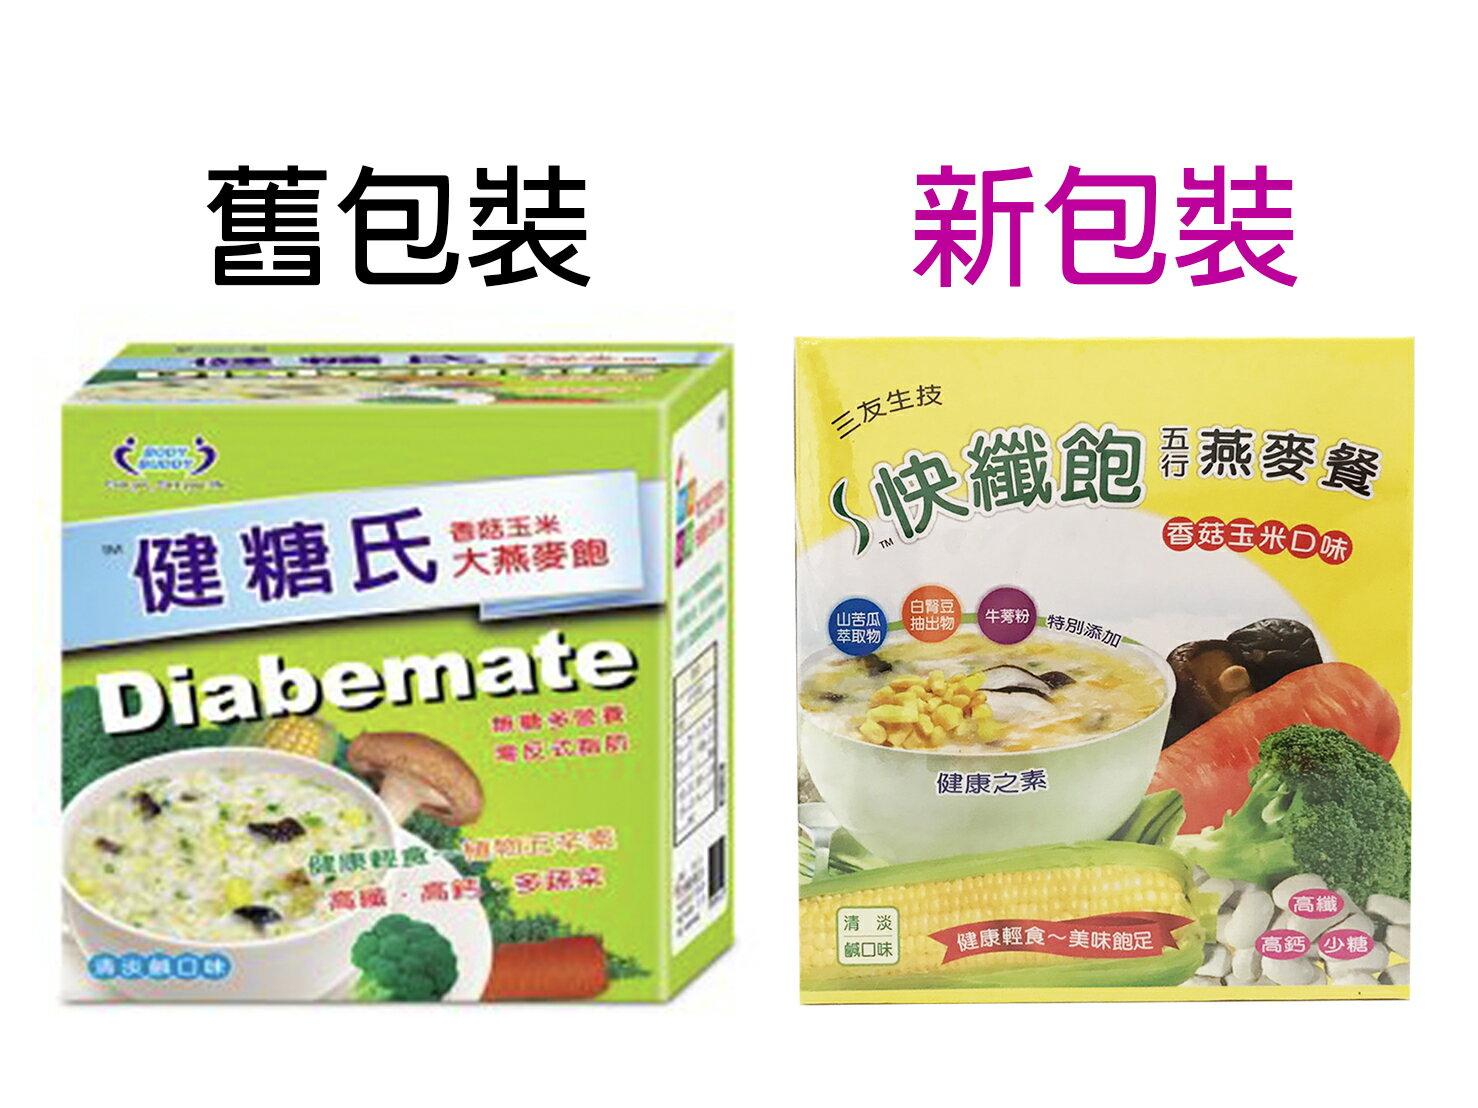 [新包裝] #快纖飽五行燕麥餐 香菇玉米口味 (高纖高鈣少糖) 代餐 山苦瓜 白腎豆 牛蒡粉 健糖氏